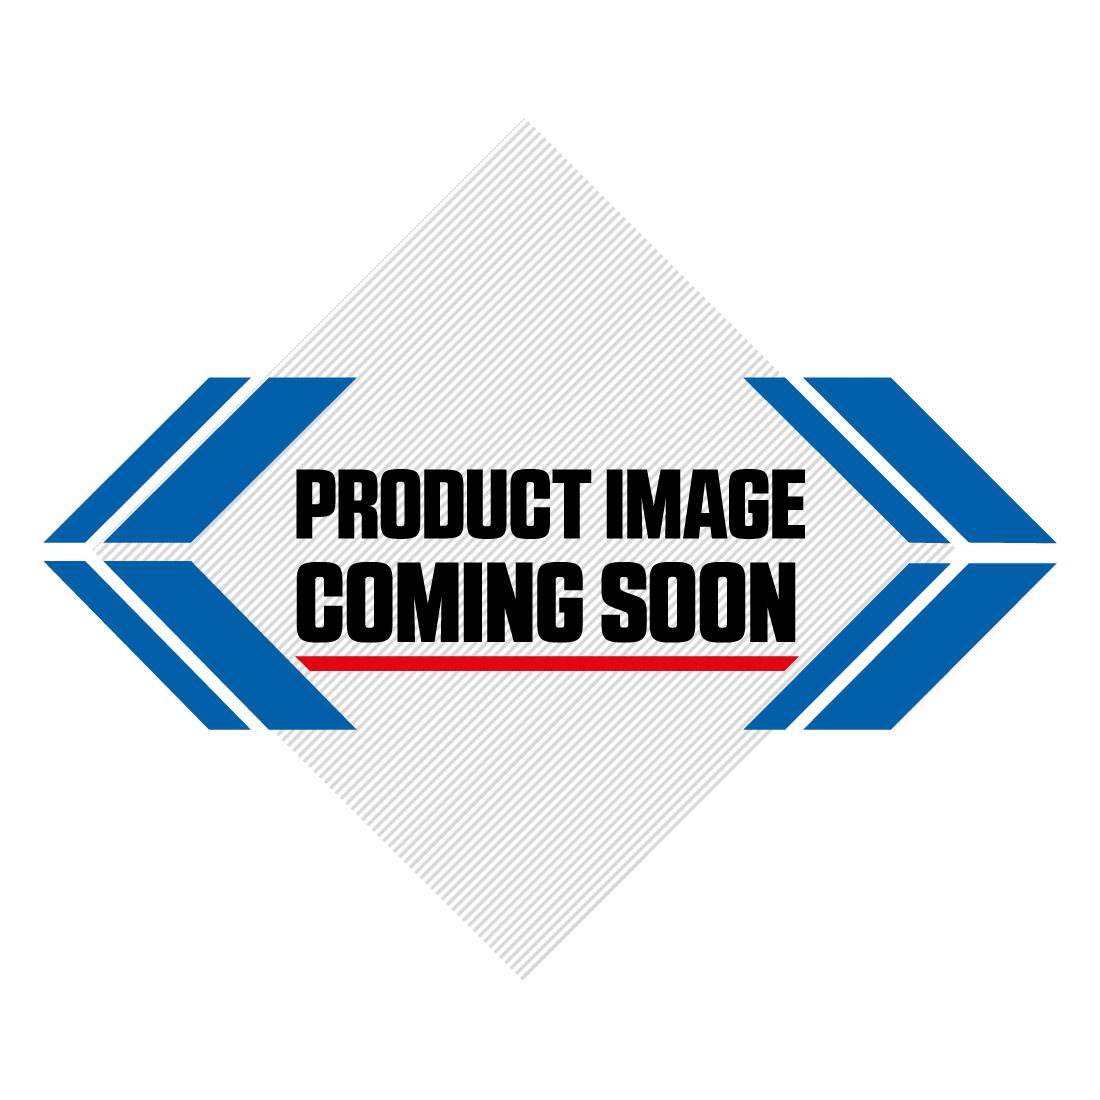 UFO Suzuki Radiator louvers RMZ 250 (19-20) OEM Factory Image-0